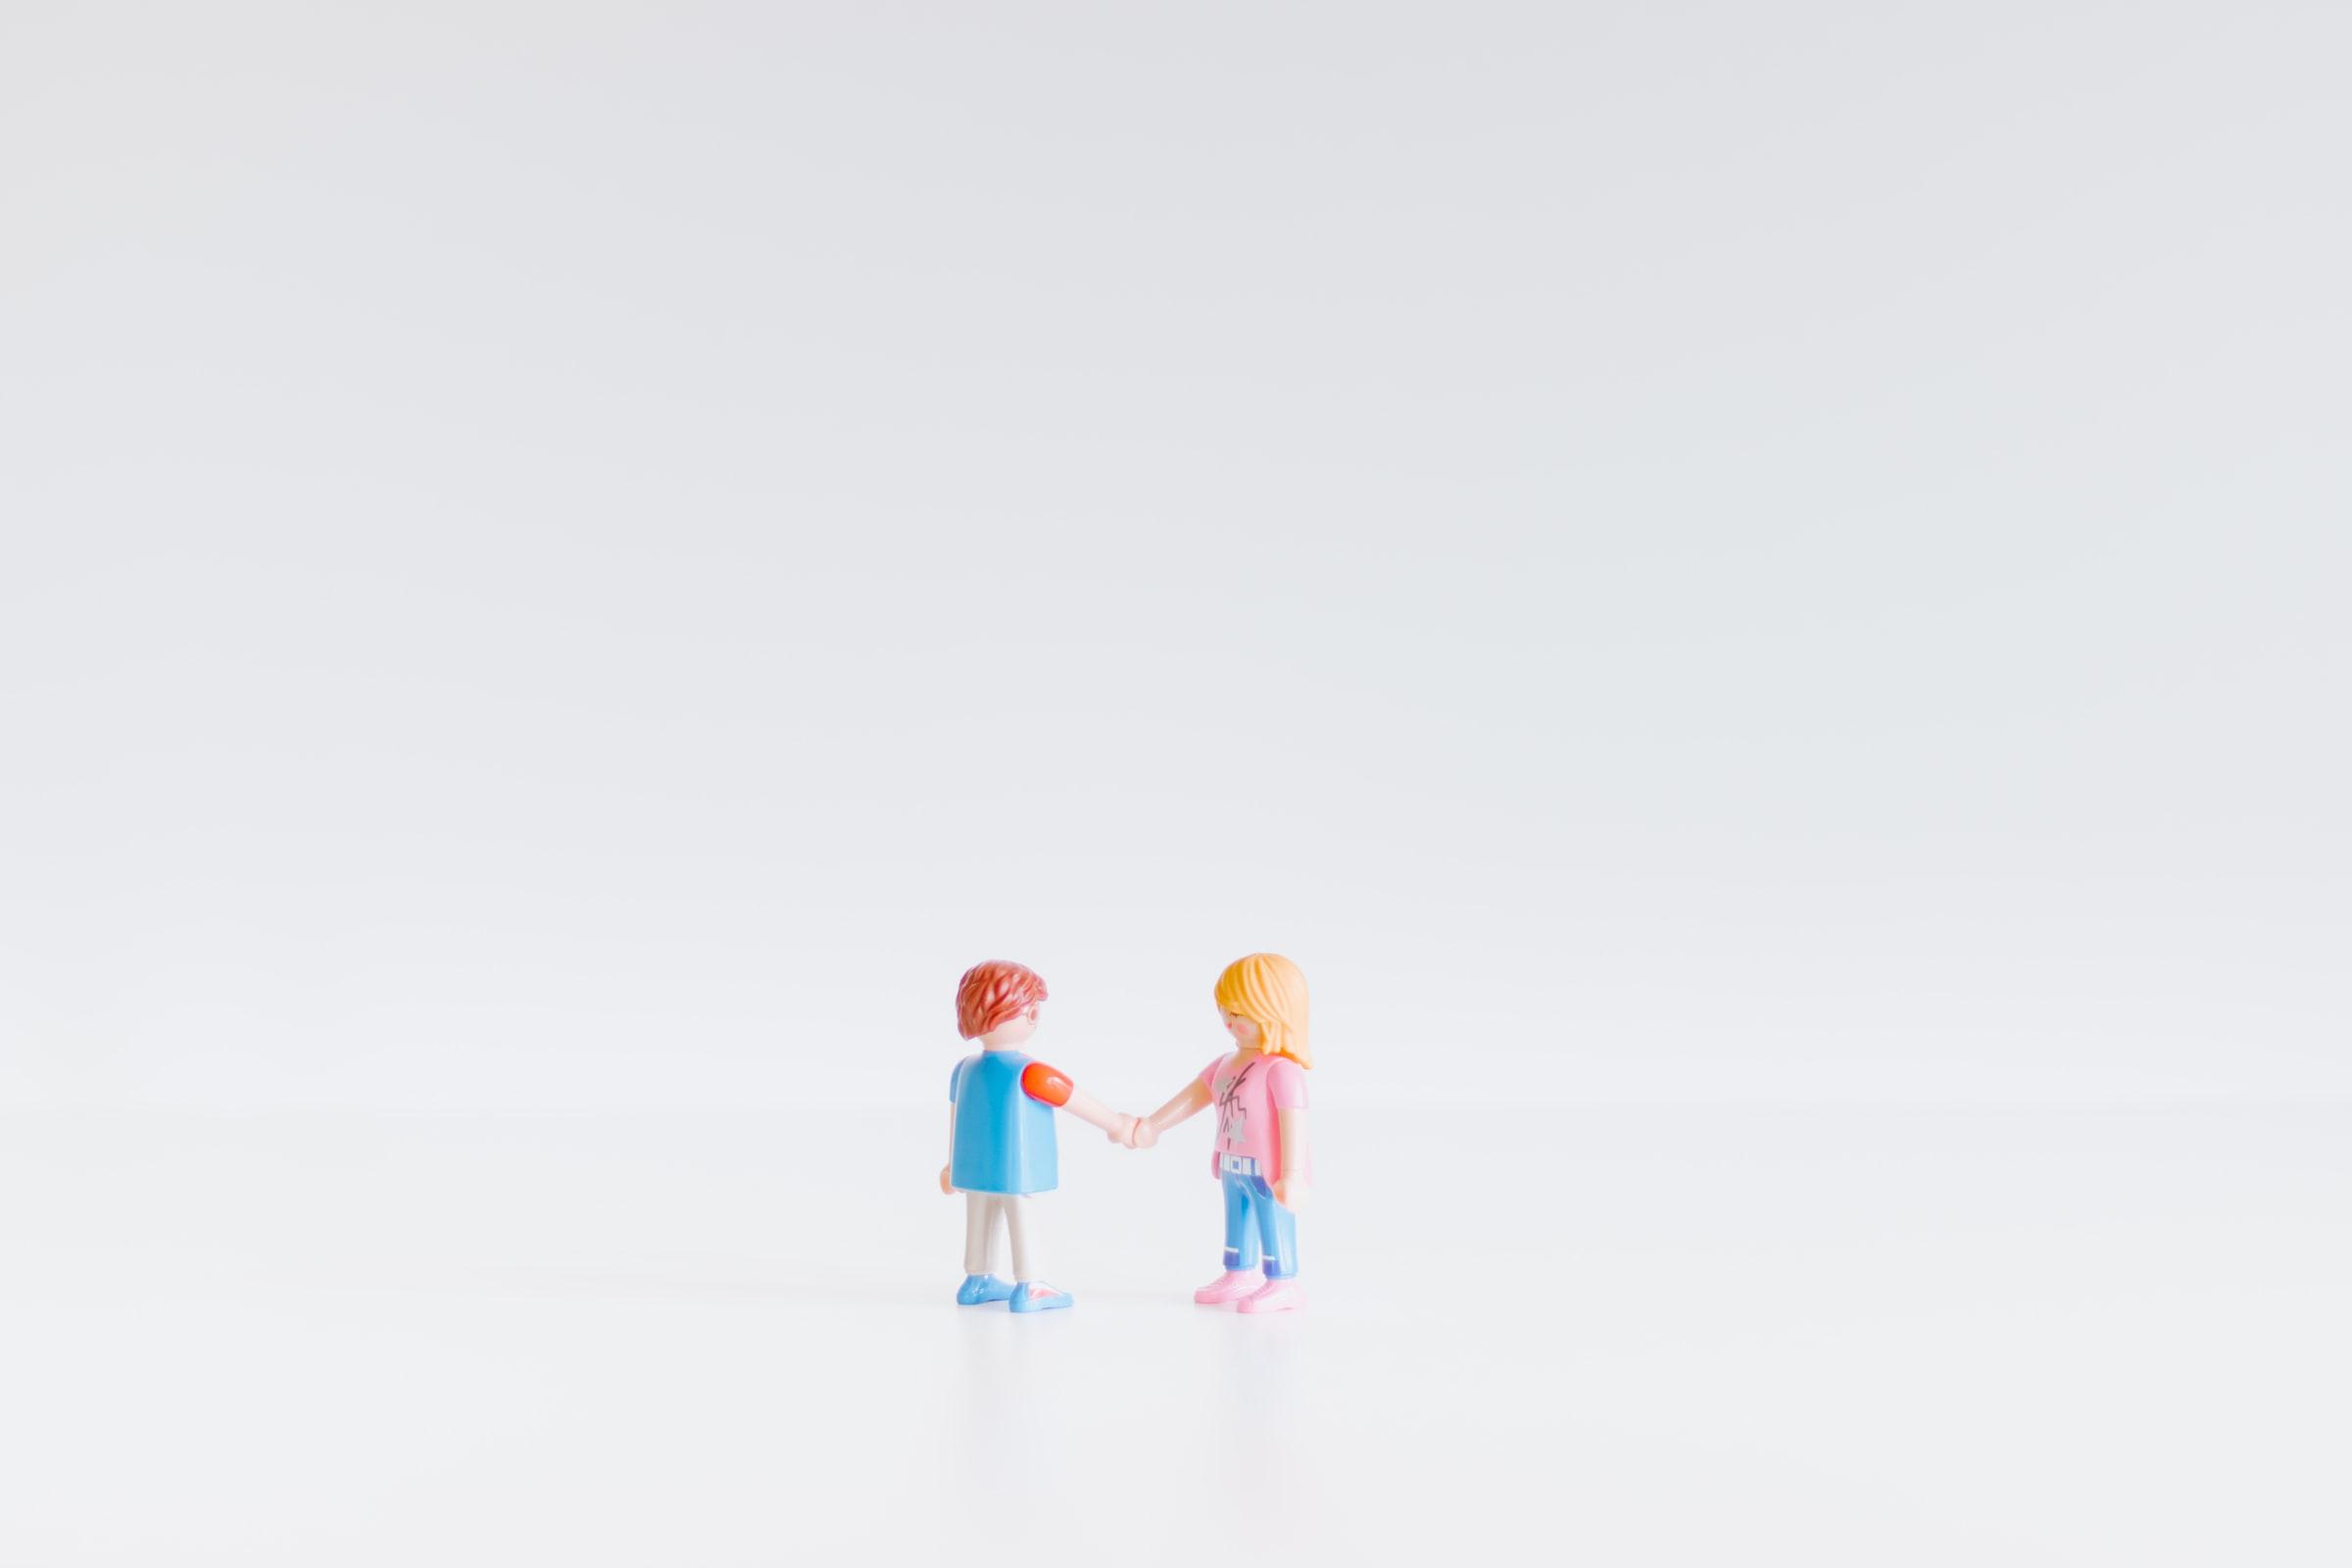 Figures shaking hands